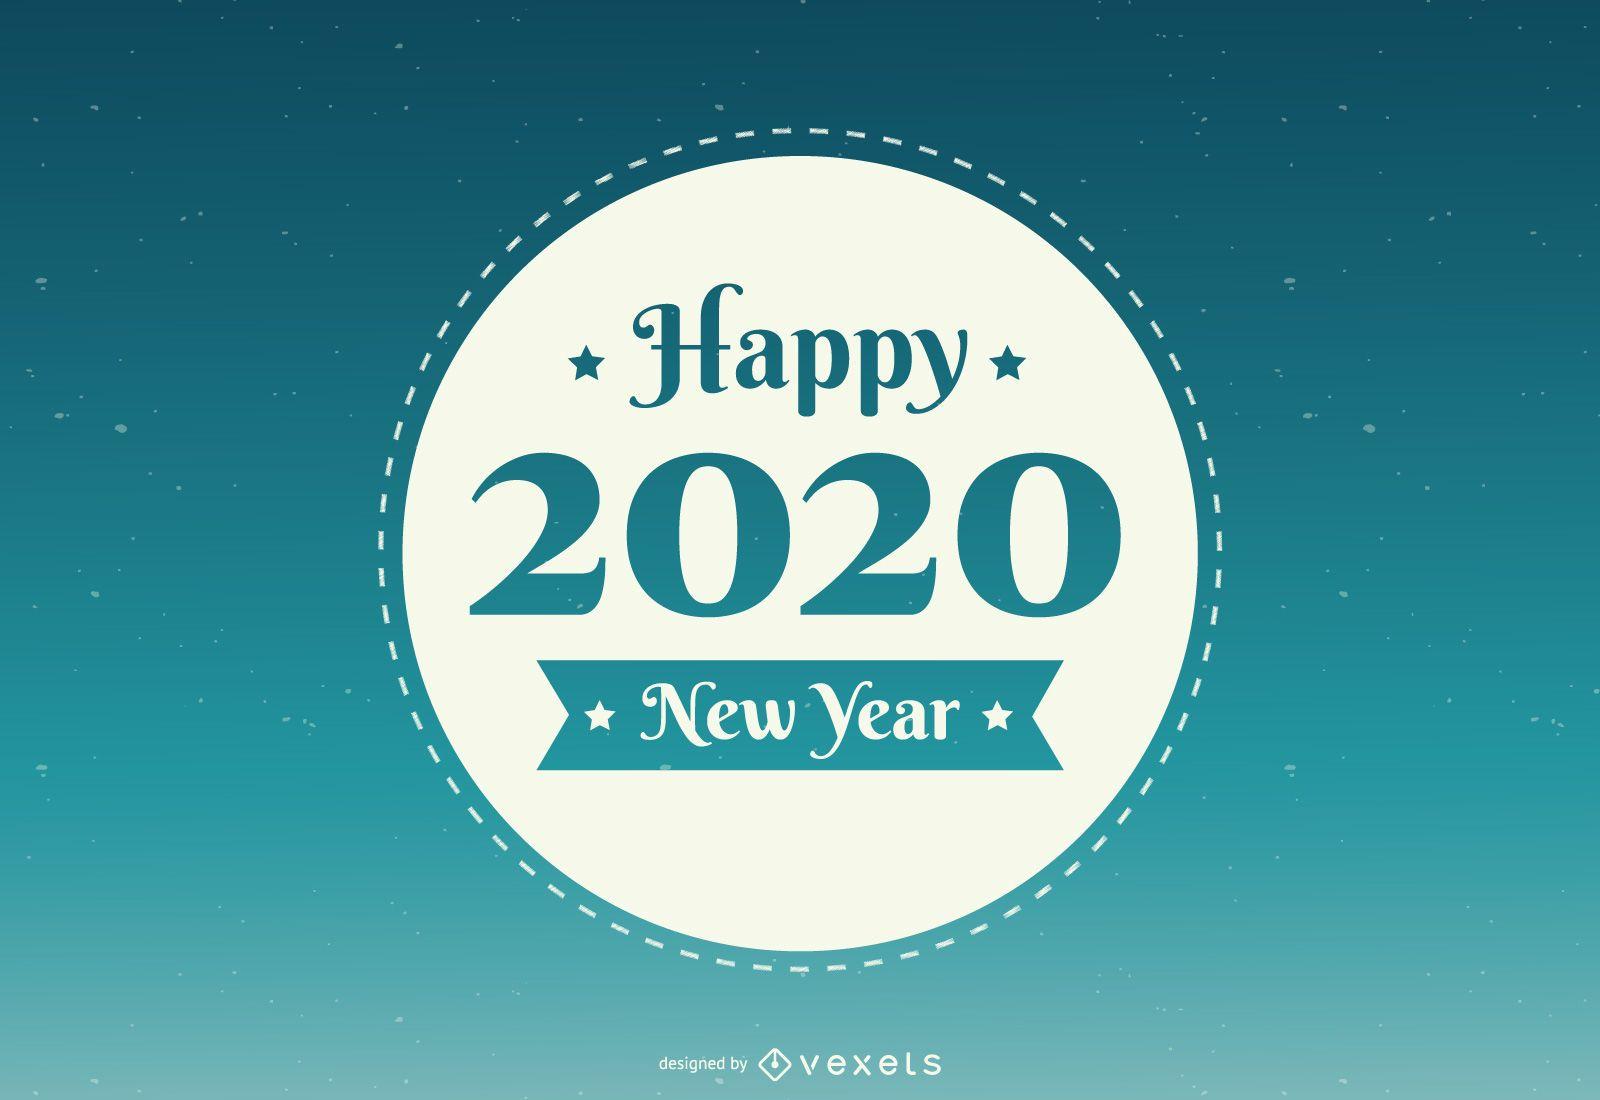 New Year 2020 Round Badge